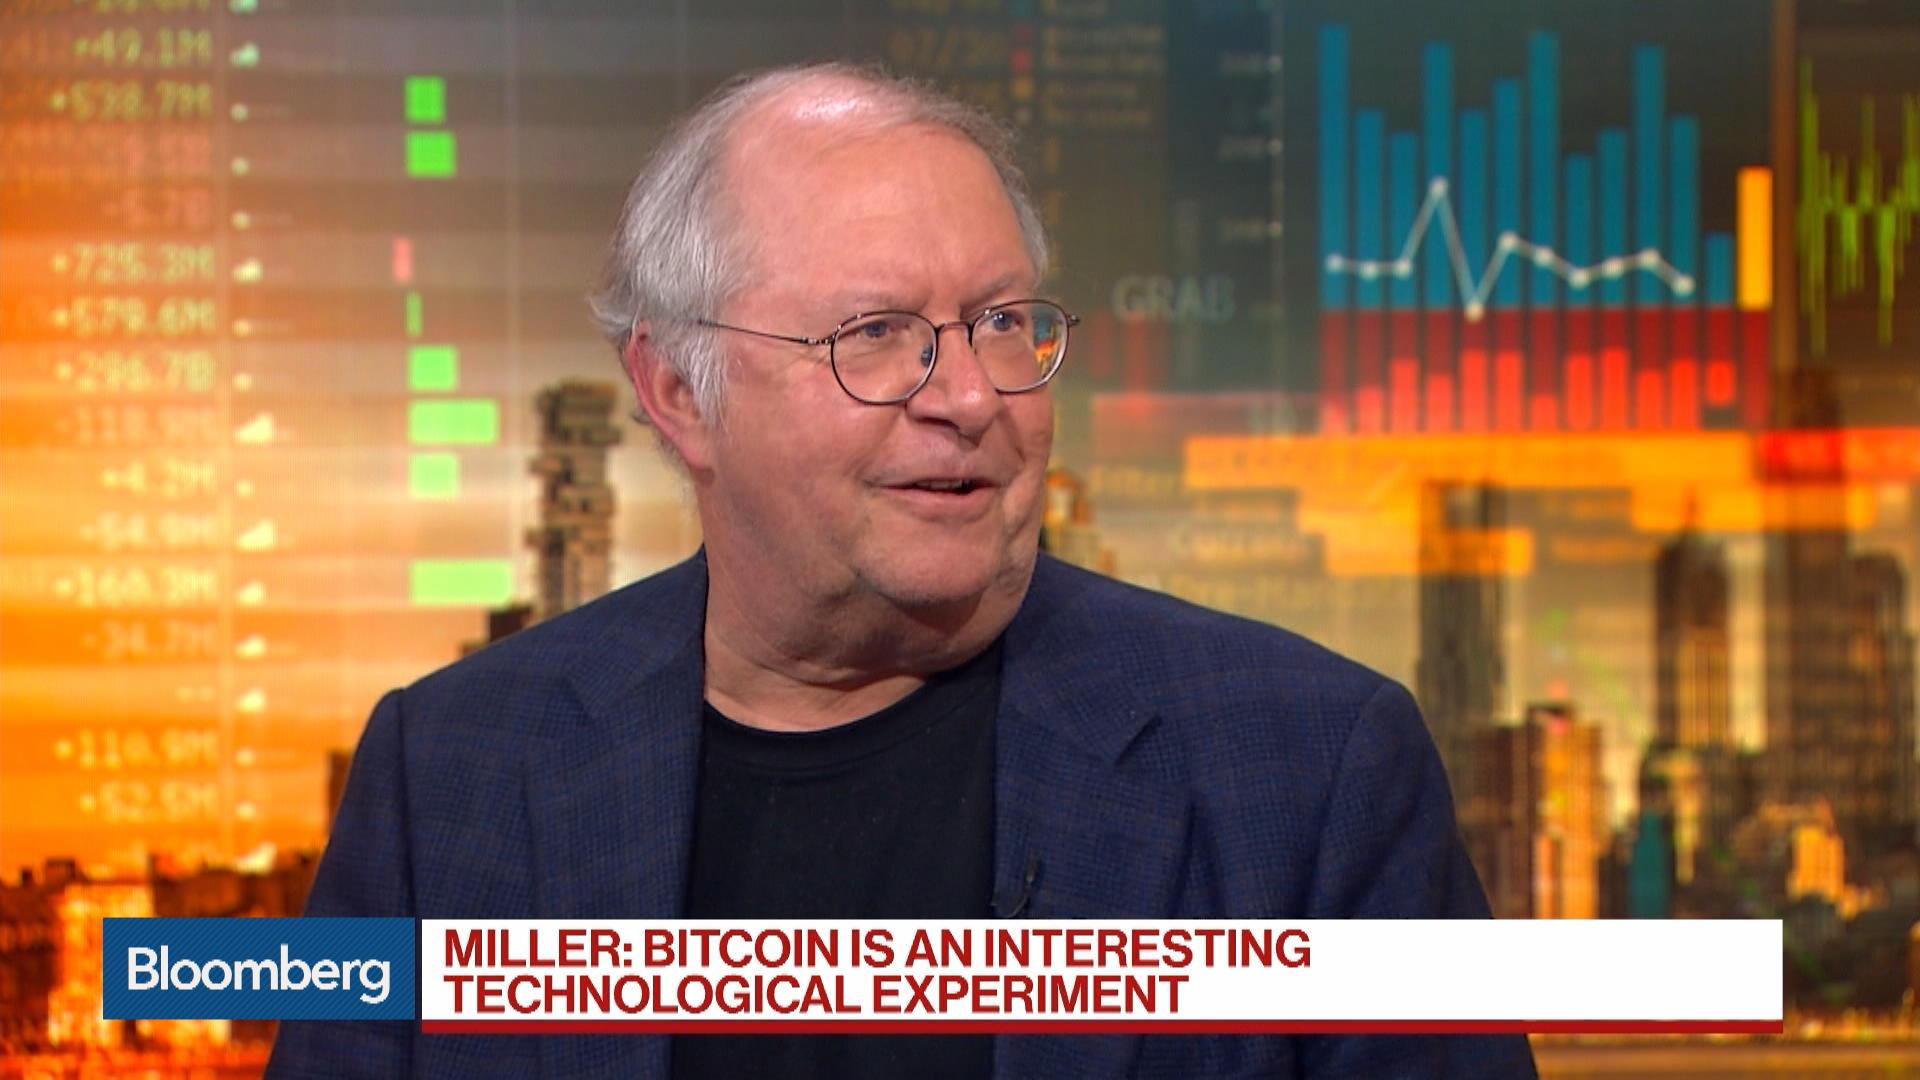 بيل ميلر متفائل بمستقبل البيتكوين